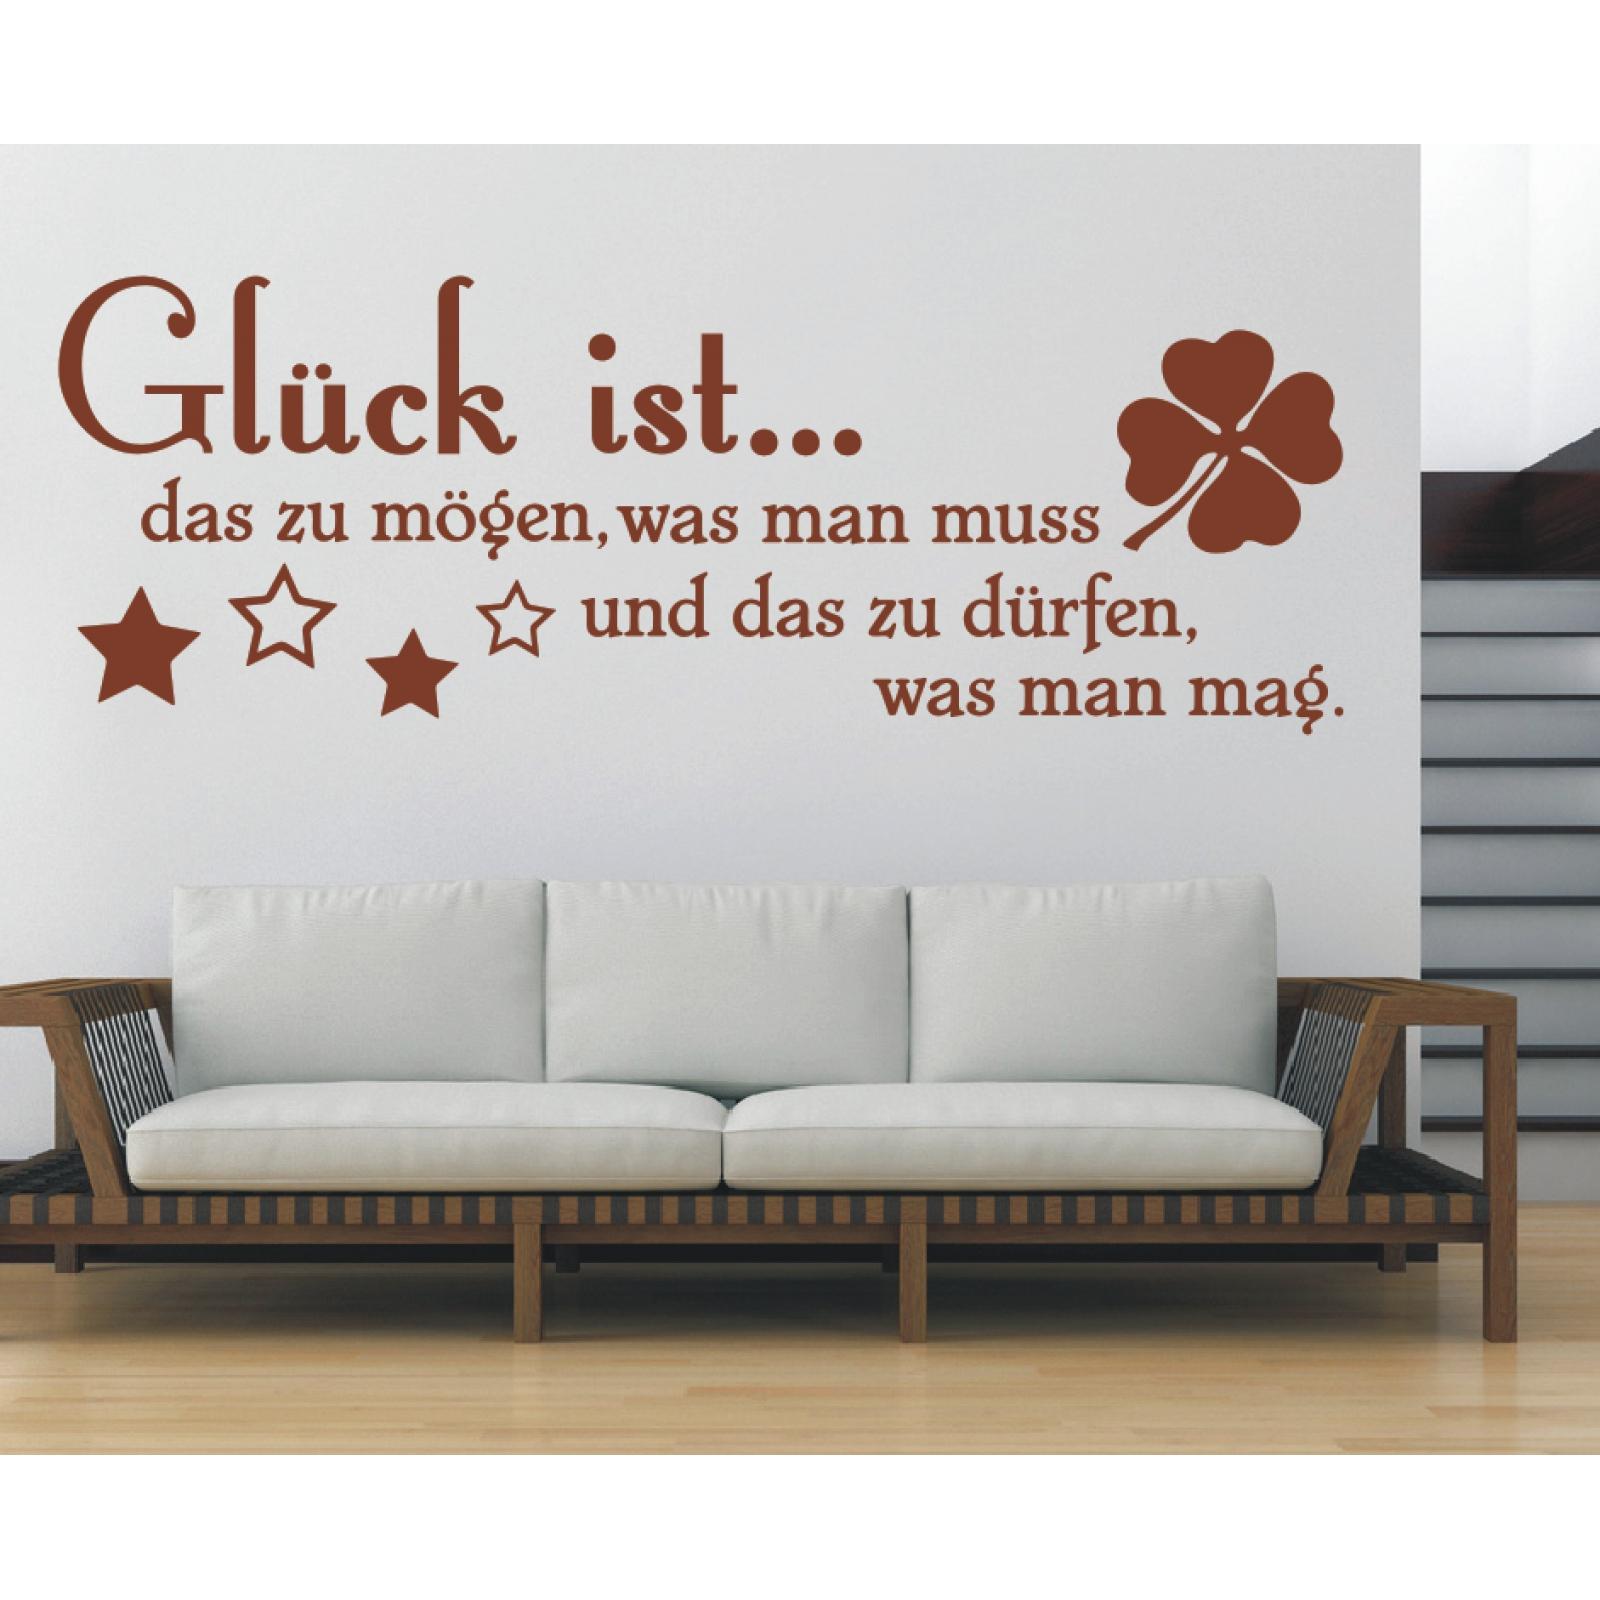 Spruch-WANDTATTOO-Glueck-ist-moegen-was-muss-Wandsticker-Wandaufkleber-Sticker-3 Indexbild 3